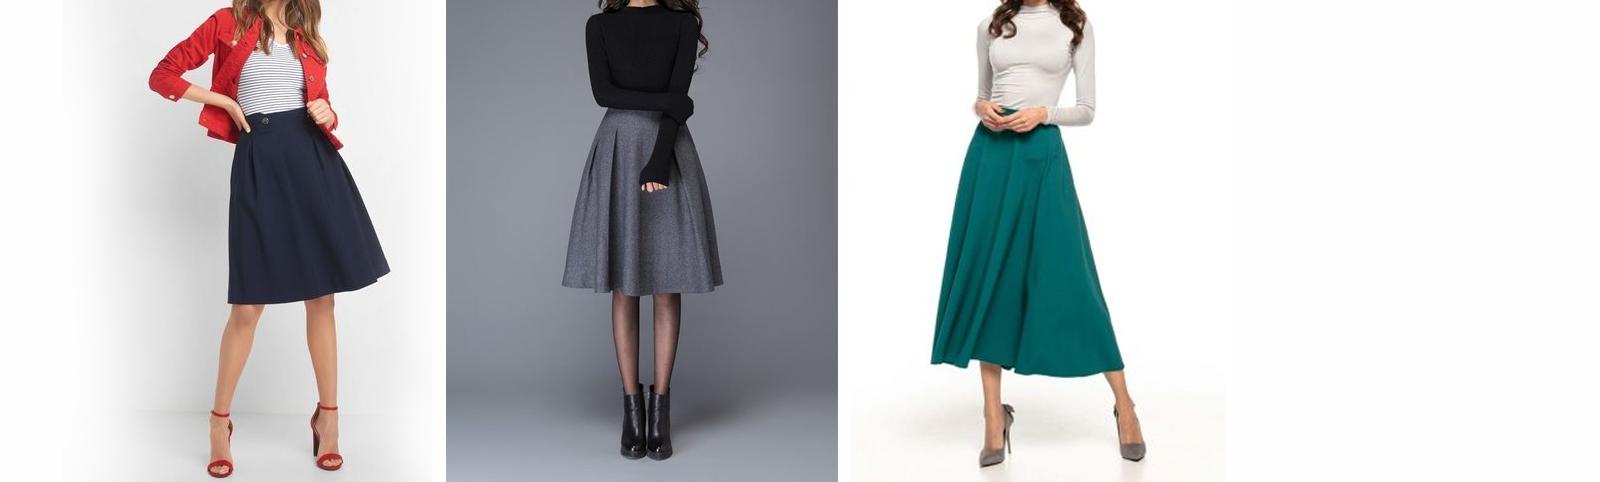 Spódnice, które zamaskują niedoskonałości. Ukryjesz uda i